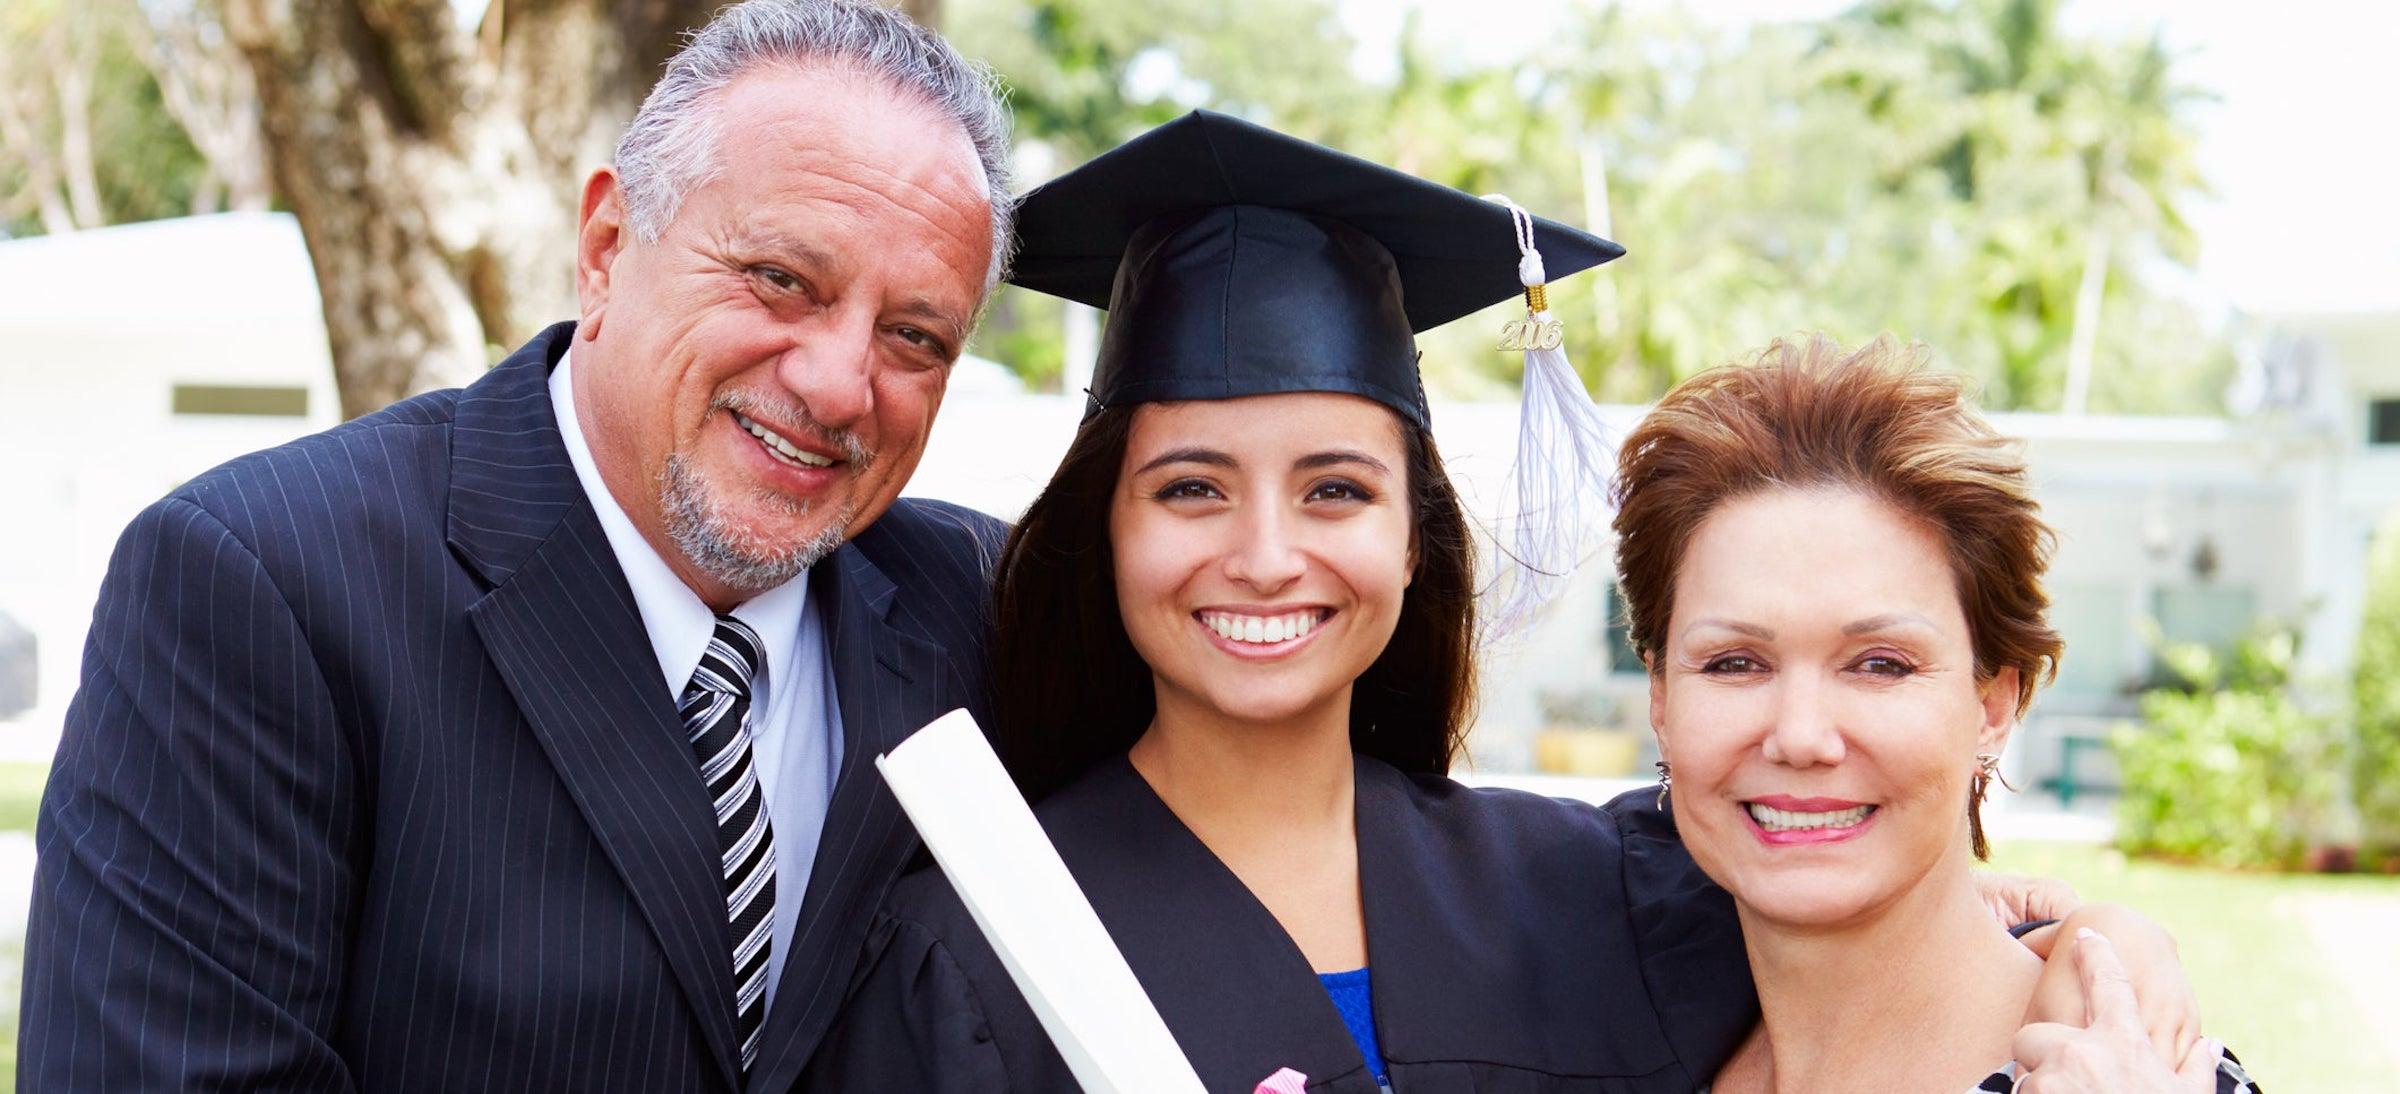 Warum studieren so viele das Gleiche wie ihre Eltern?